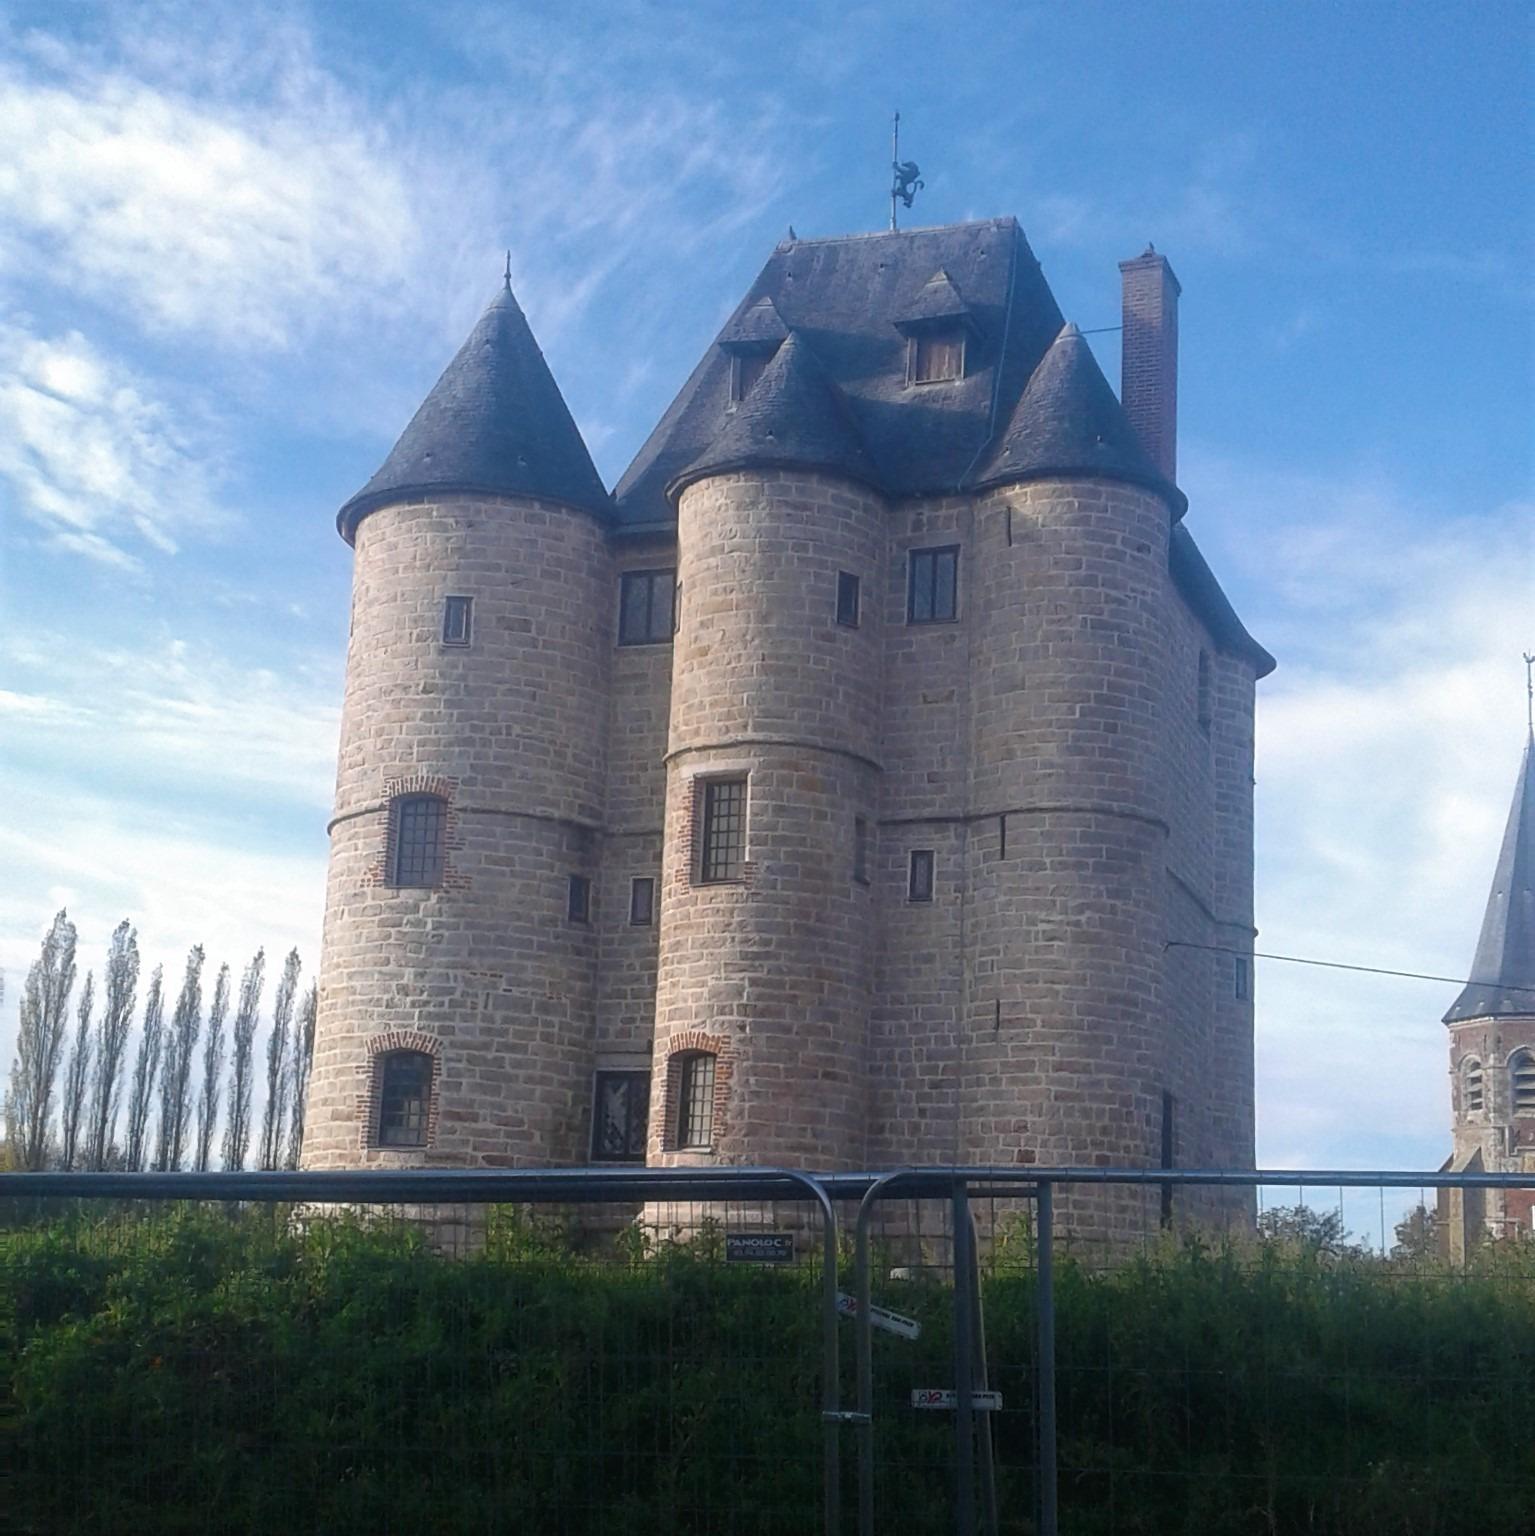 De Valhuon à Bours, balade automnale entre clochers et donjon